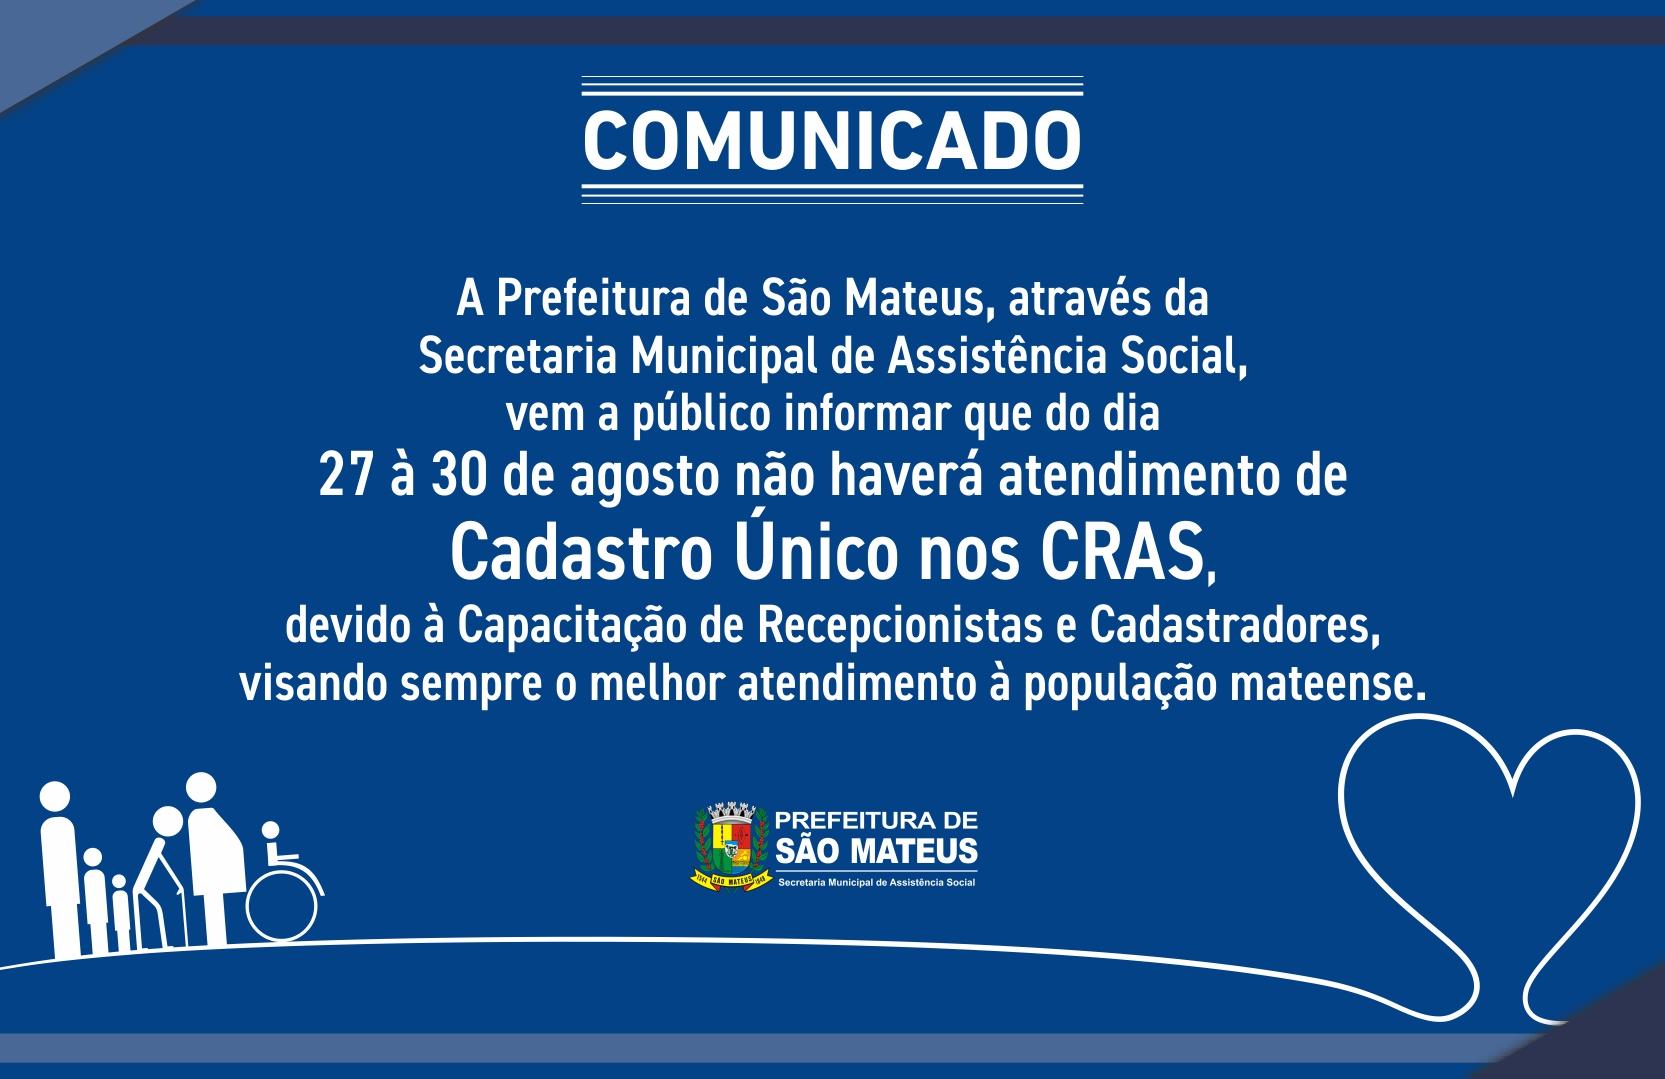 COMUNICADO - CRAS SÃO MATEUS